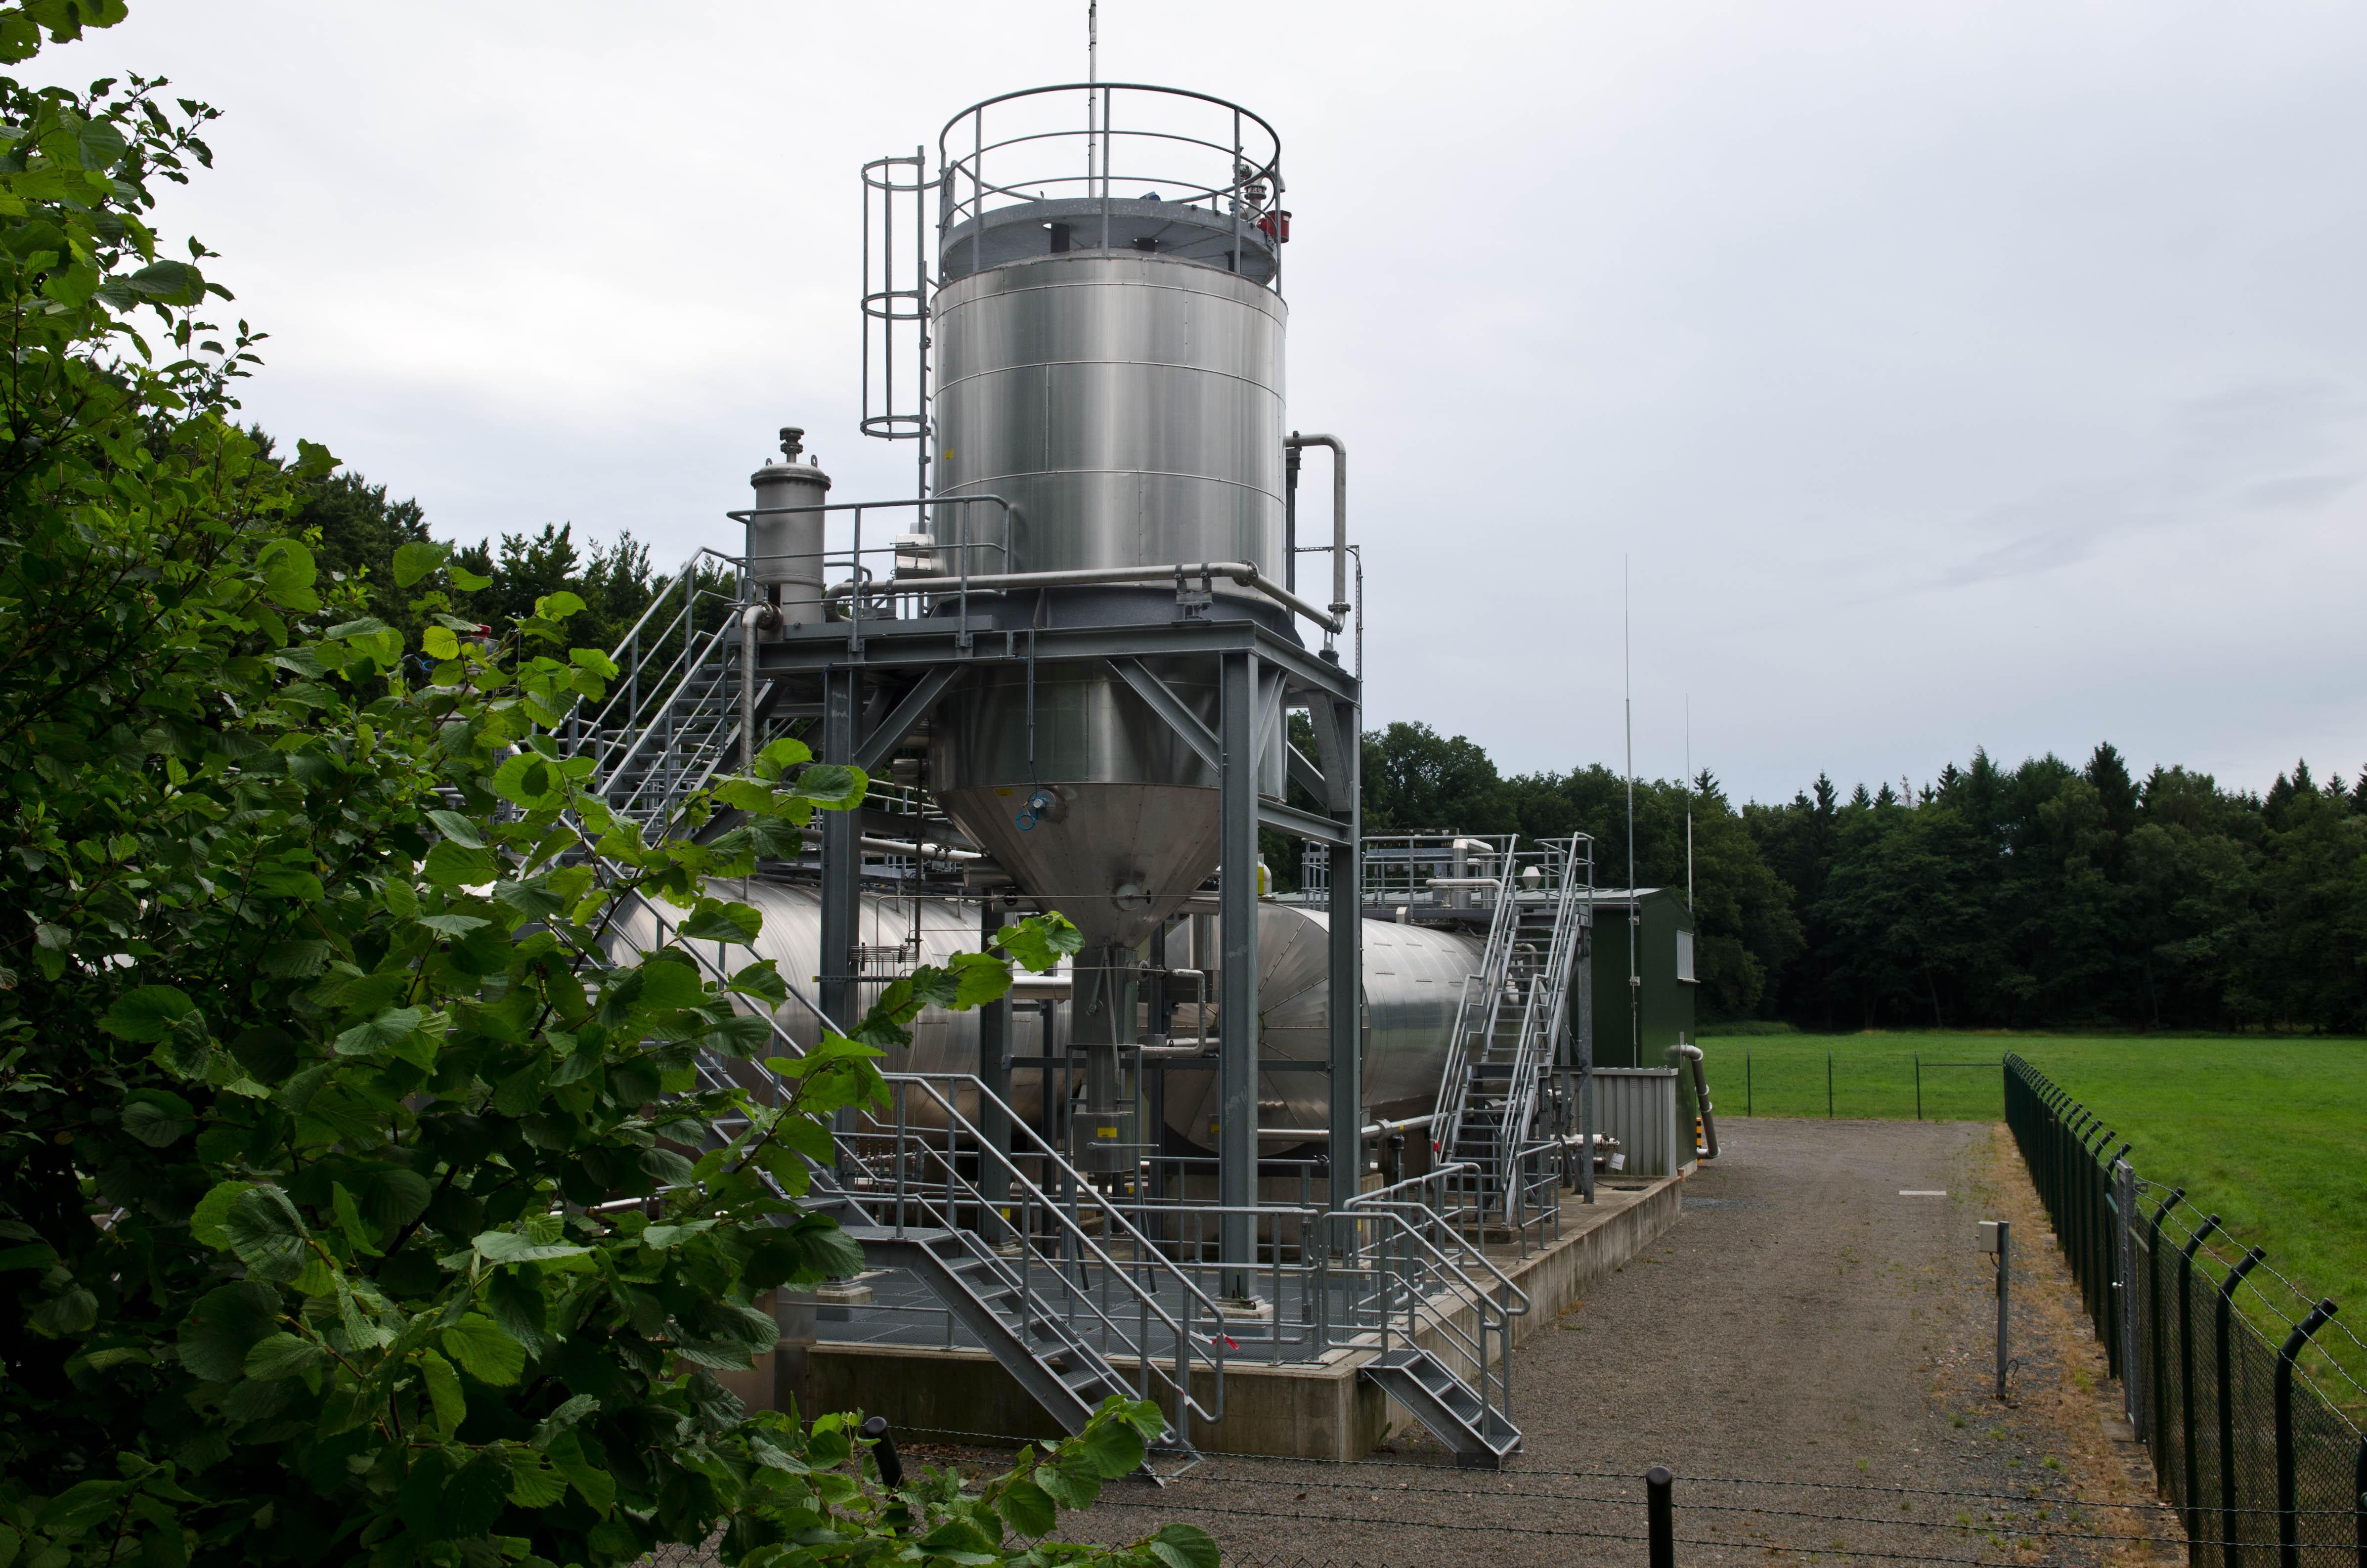 Wittorf-Grapenmühlen: Tanks für Lagerstättenwässer, blitzblank (von außen)